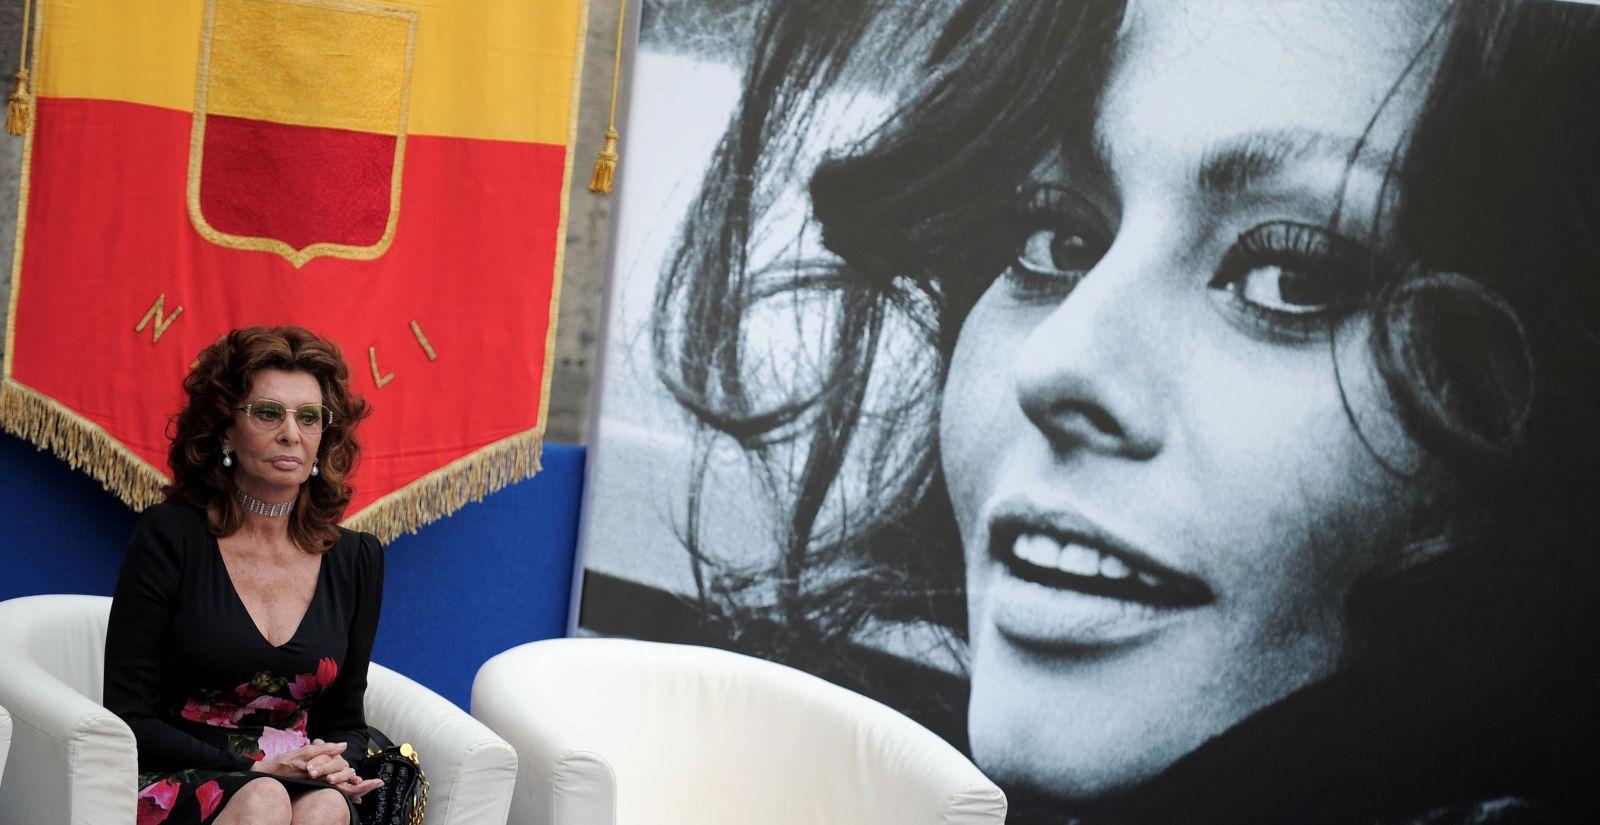 40 снимков из жизни именинницы Софи Лорен, которые вы точно не видели (ФОТО)